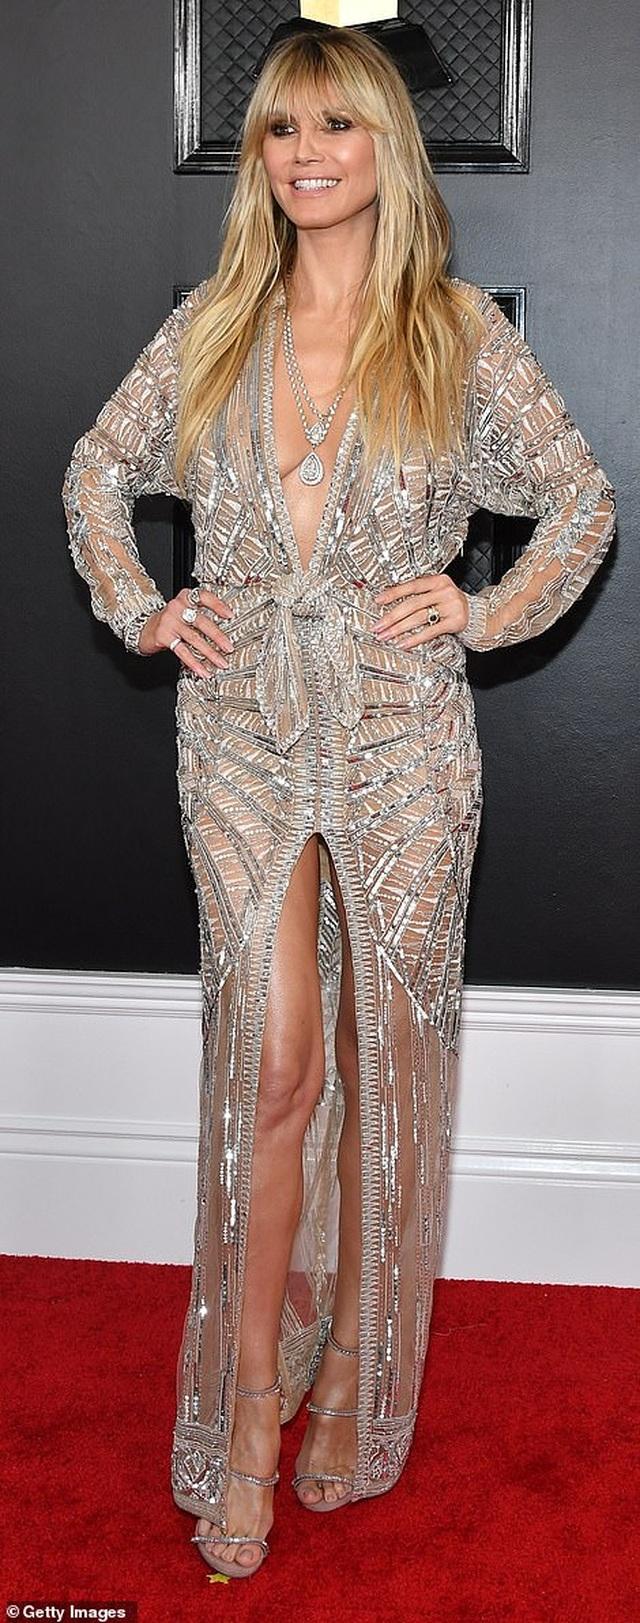 Dàn sao nữ diện váy áo gợi cảm dự lễ trao giải Grammy 2020 - 25